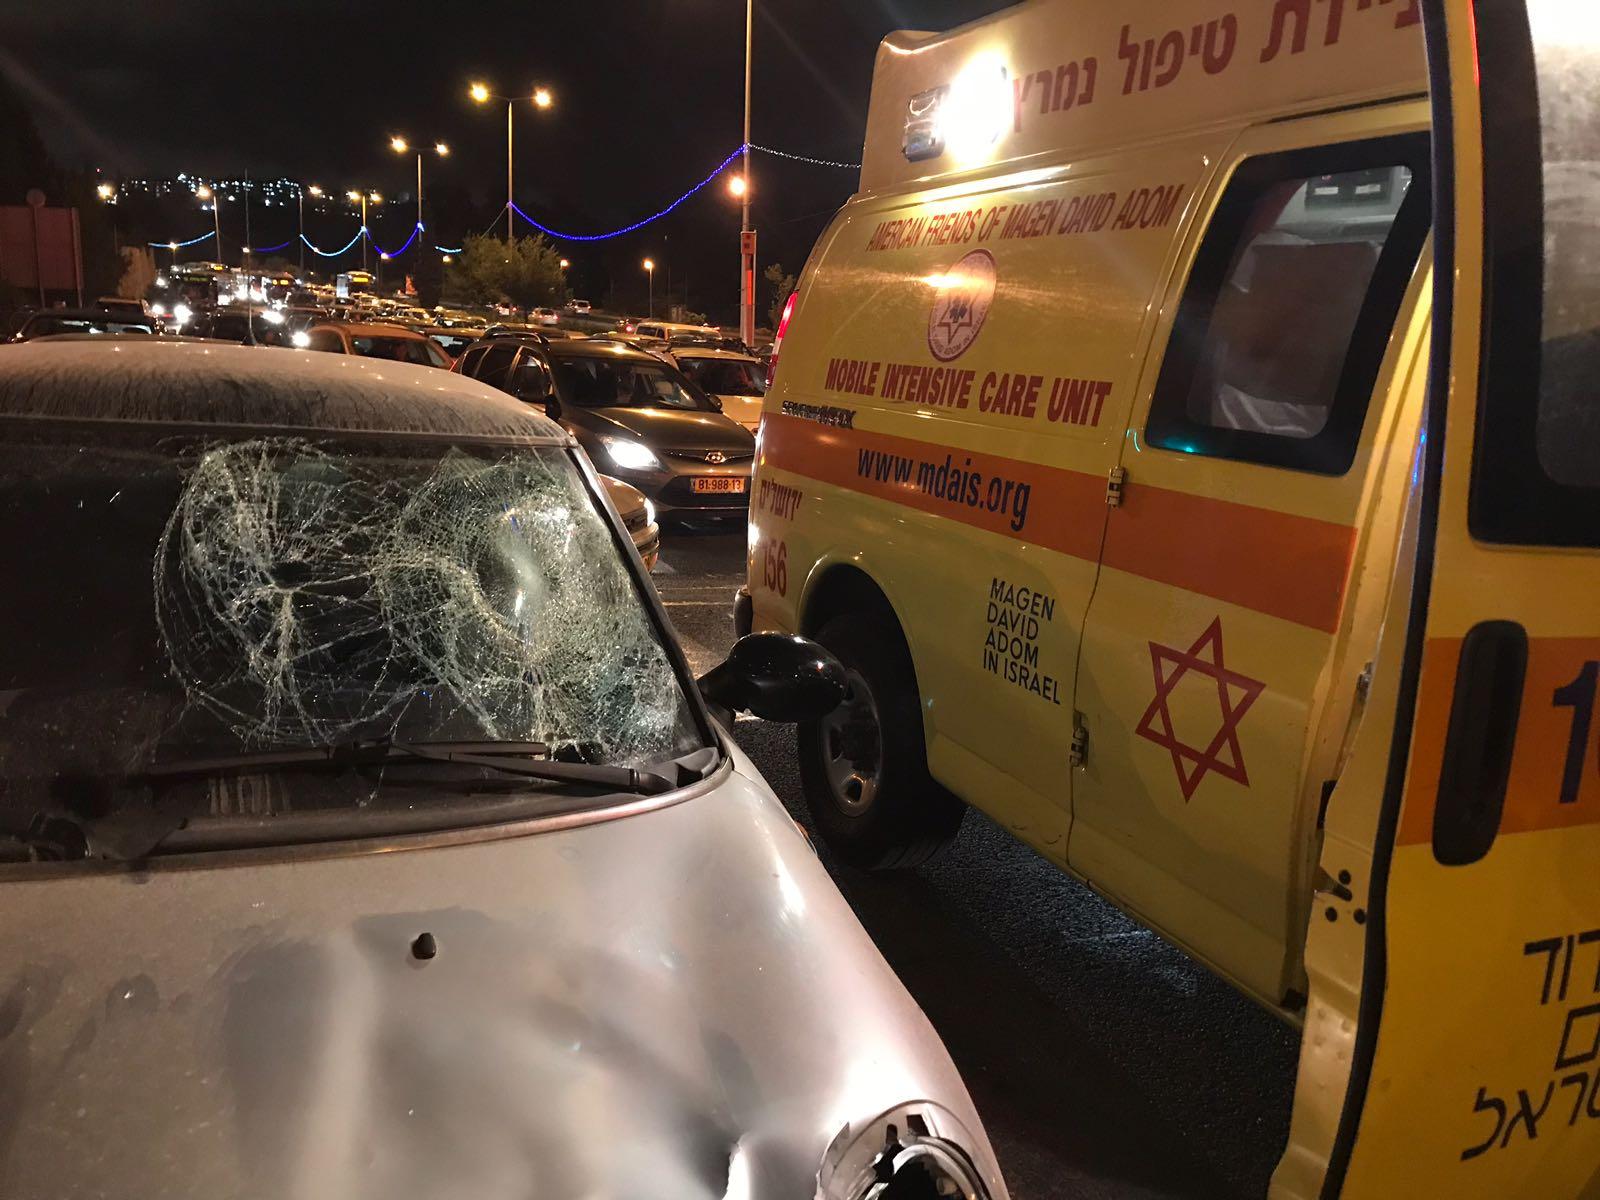 ירושלים • בנות סמינר נפצעו בתאונת דרכים